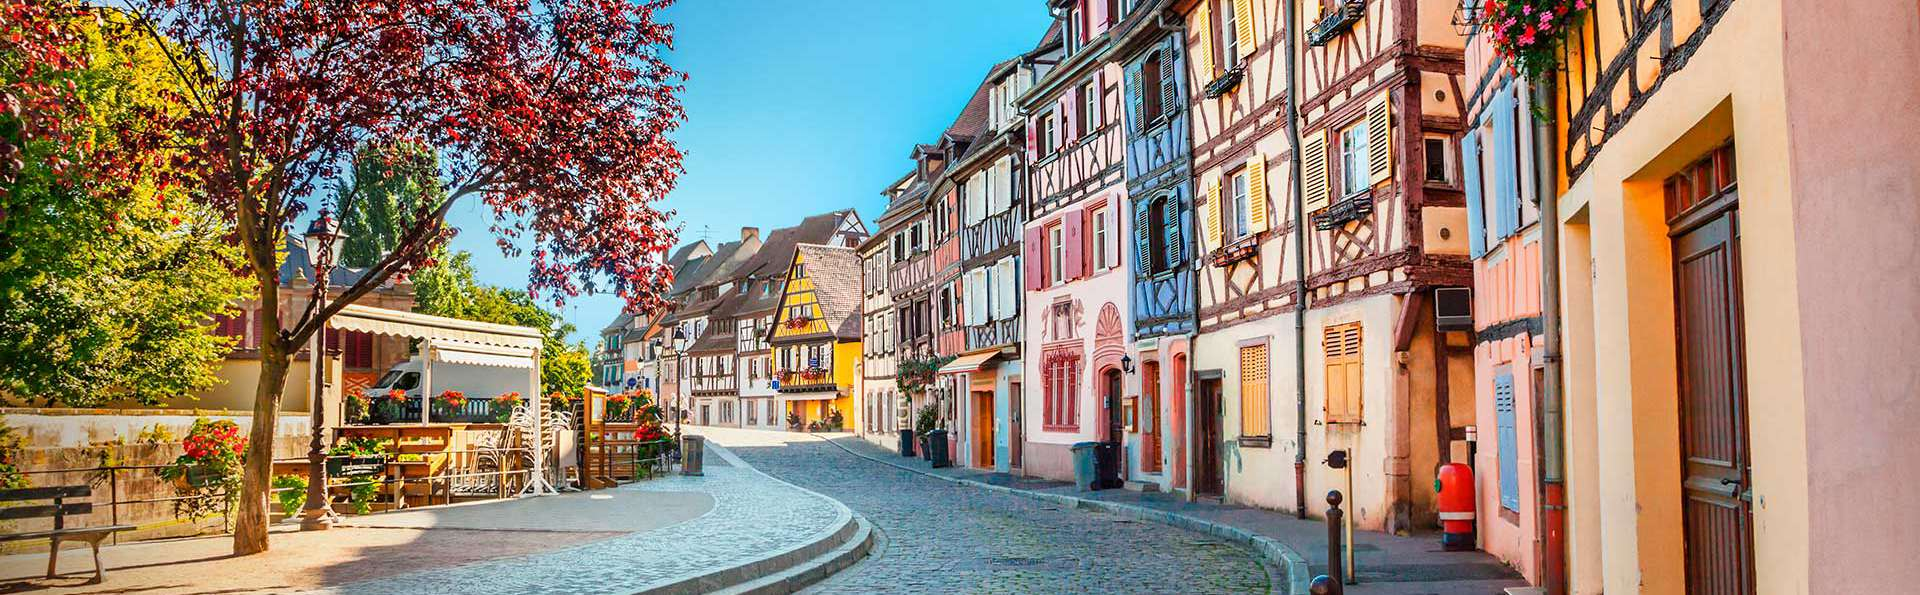 À la découverte de la pittoresque ville de Colmar